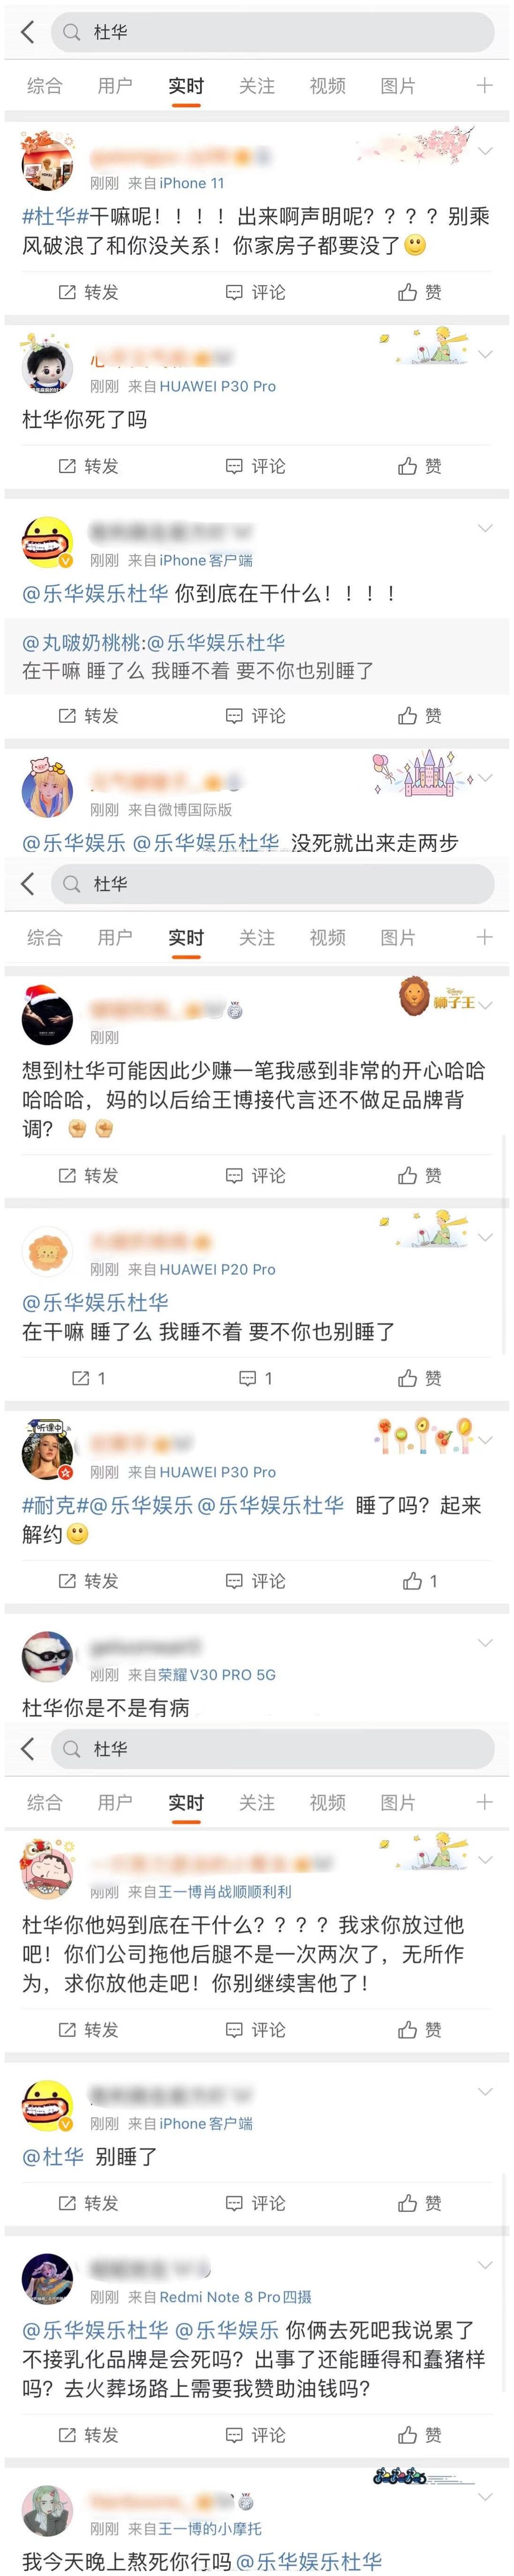 樂華娛樂宣佈王一博終止與耐克的一切合作!與黃軒、宋茜有何不同-圖2